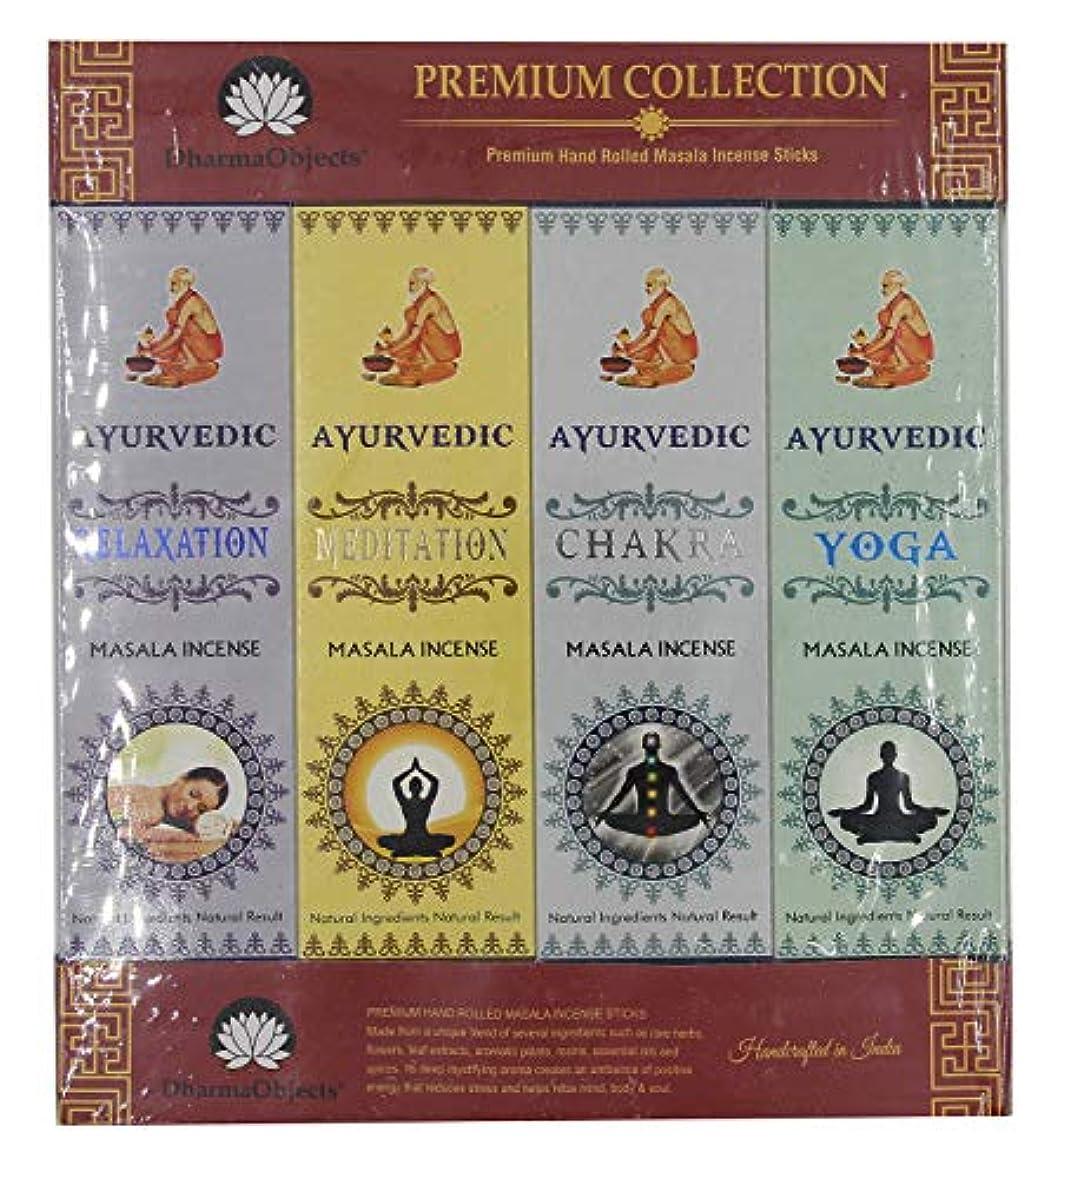 八百屋帽子チャネル(Multi) - Gift Set of 12 Ayurvedic Nag Champa Kasturi Chandan Patchouli Agarwood Meditation Rose Stress Relief...